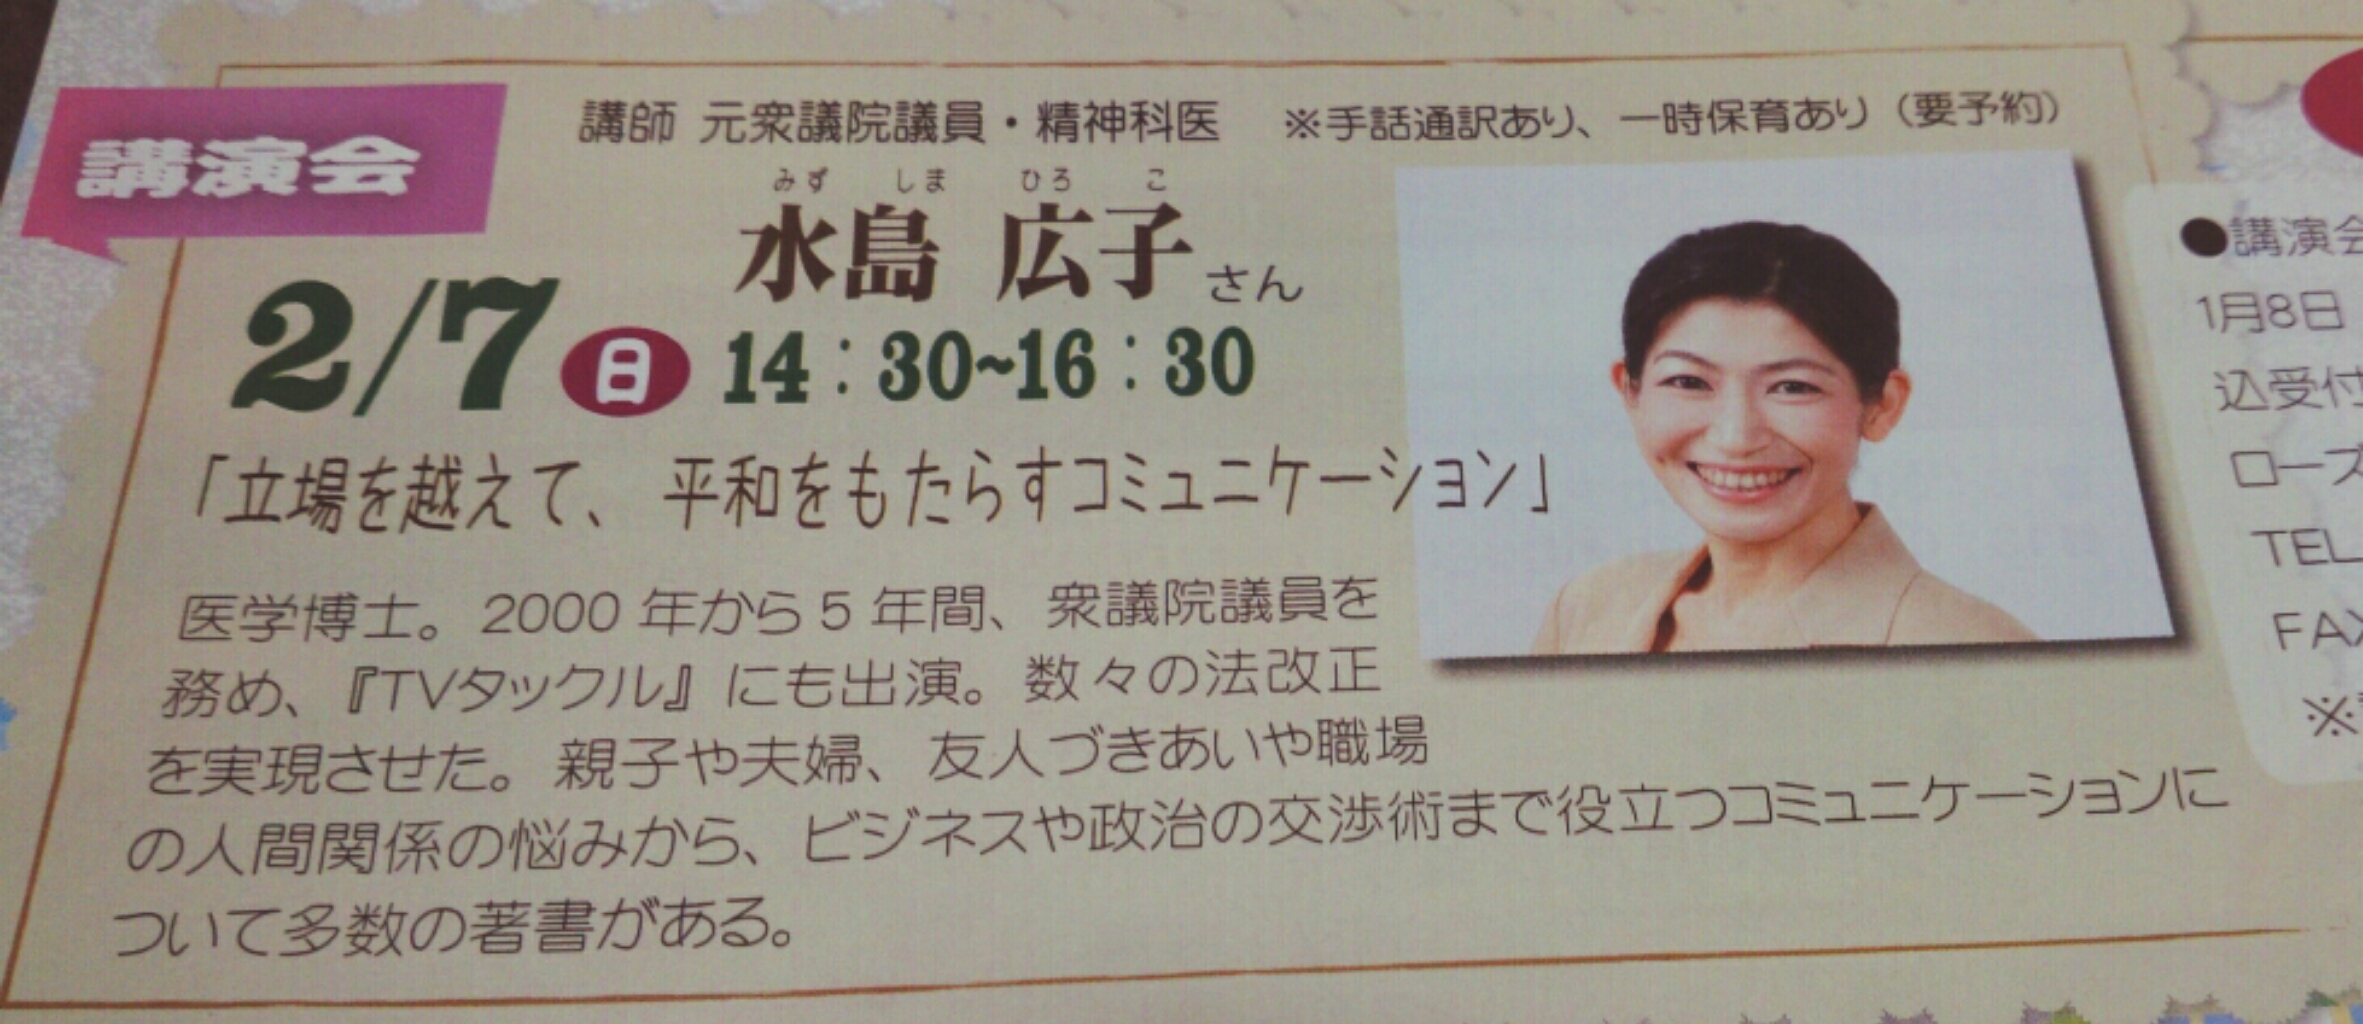 水島広子さん